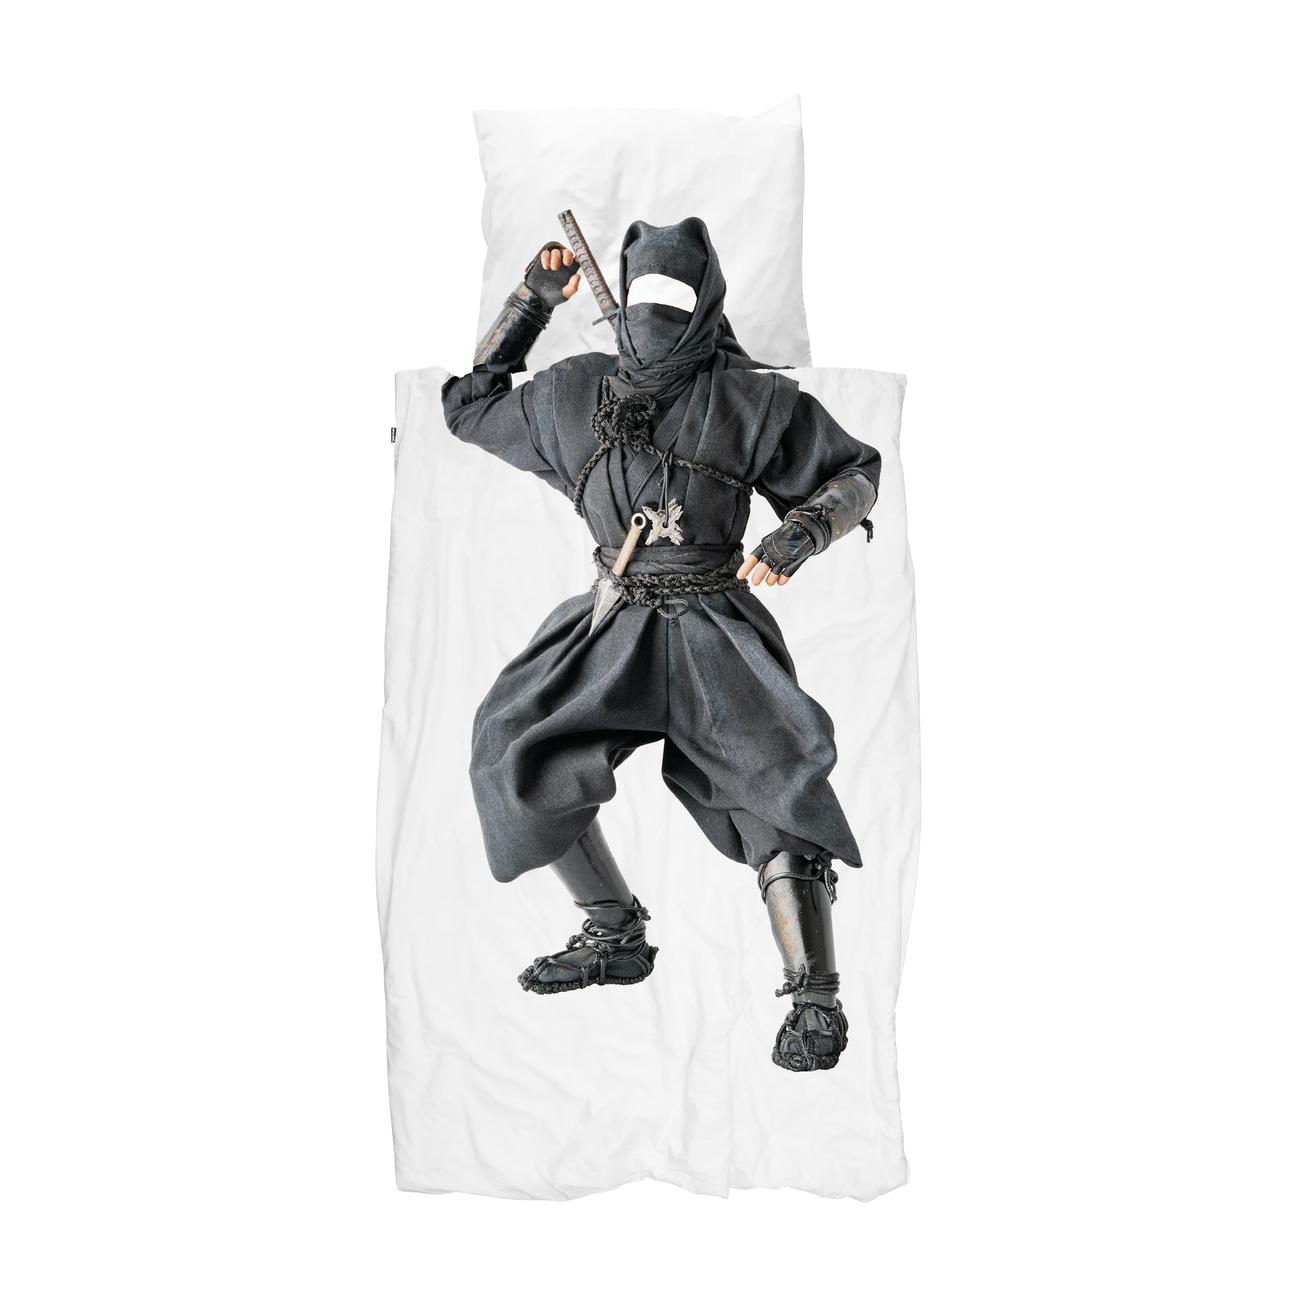 Snurk Ninja dekbedovertrek 240x200 220 cm